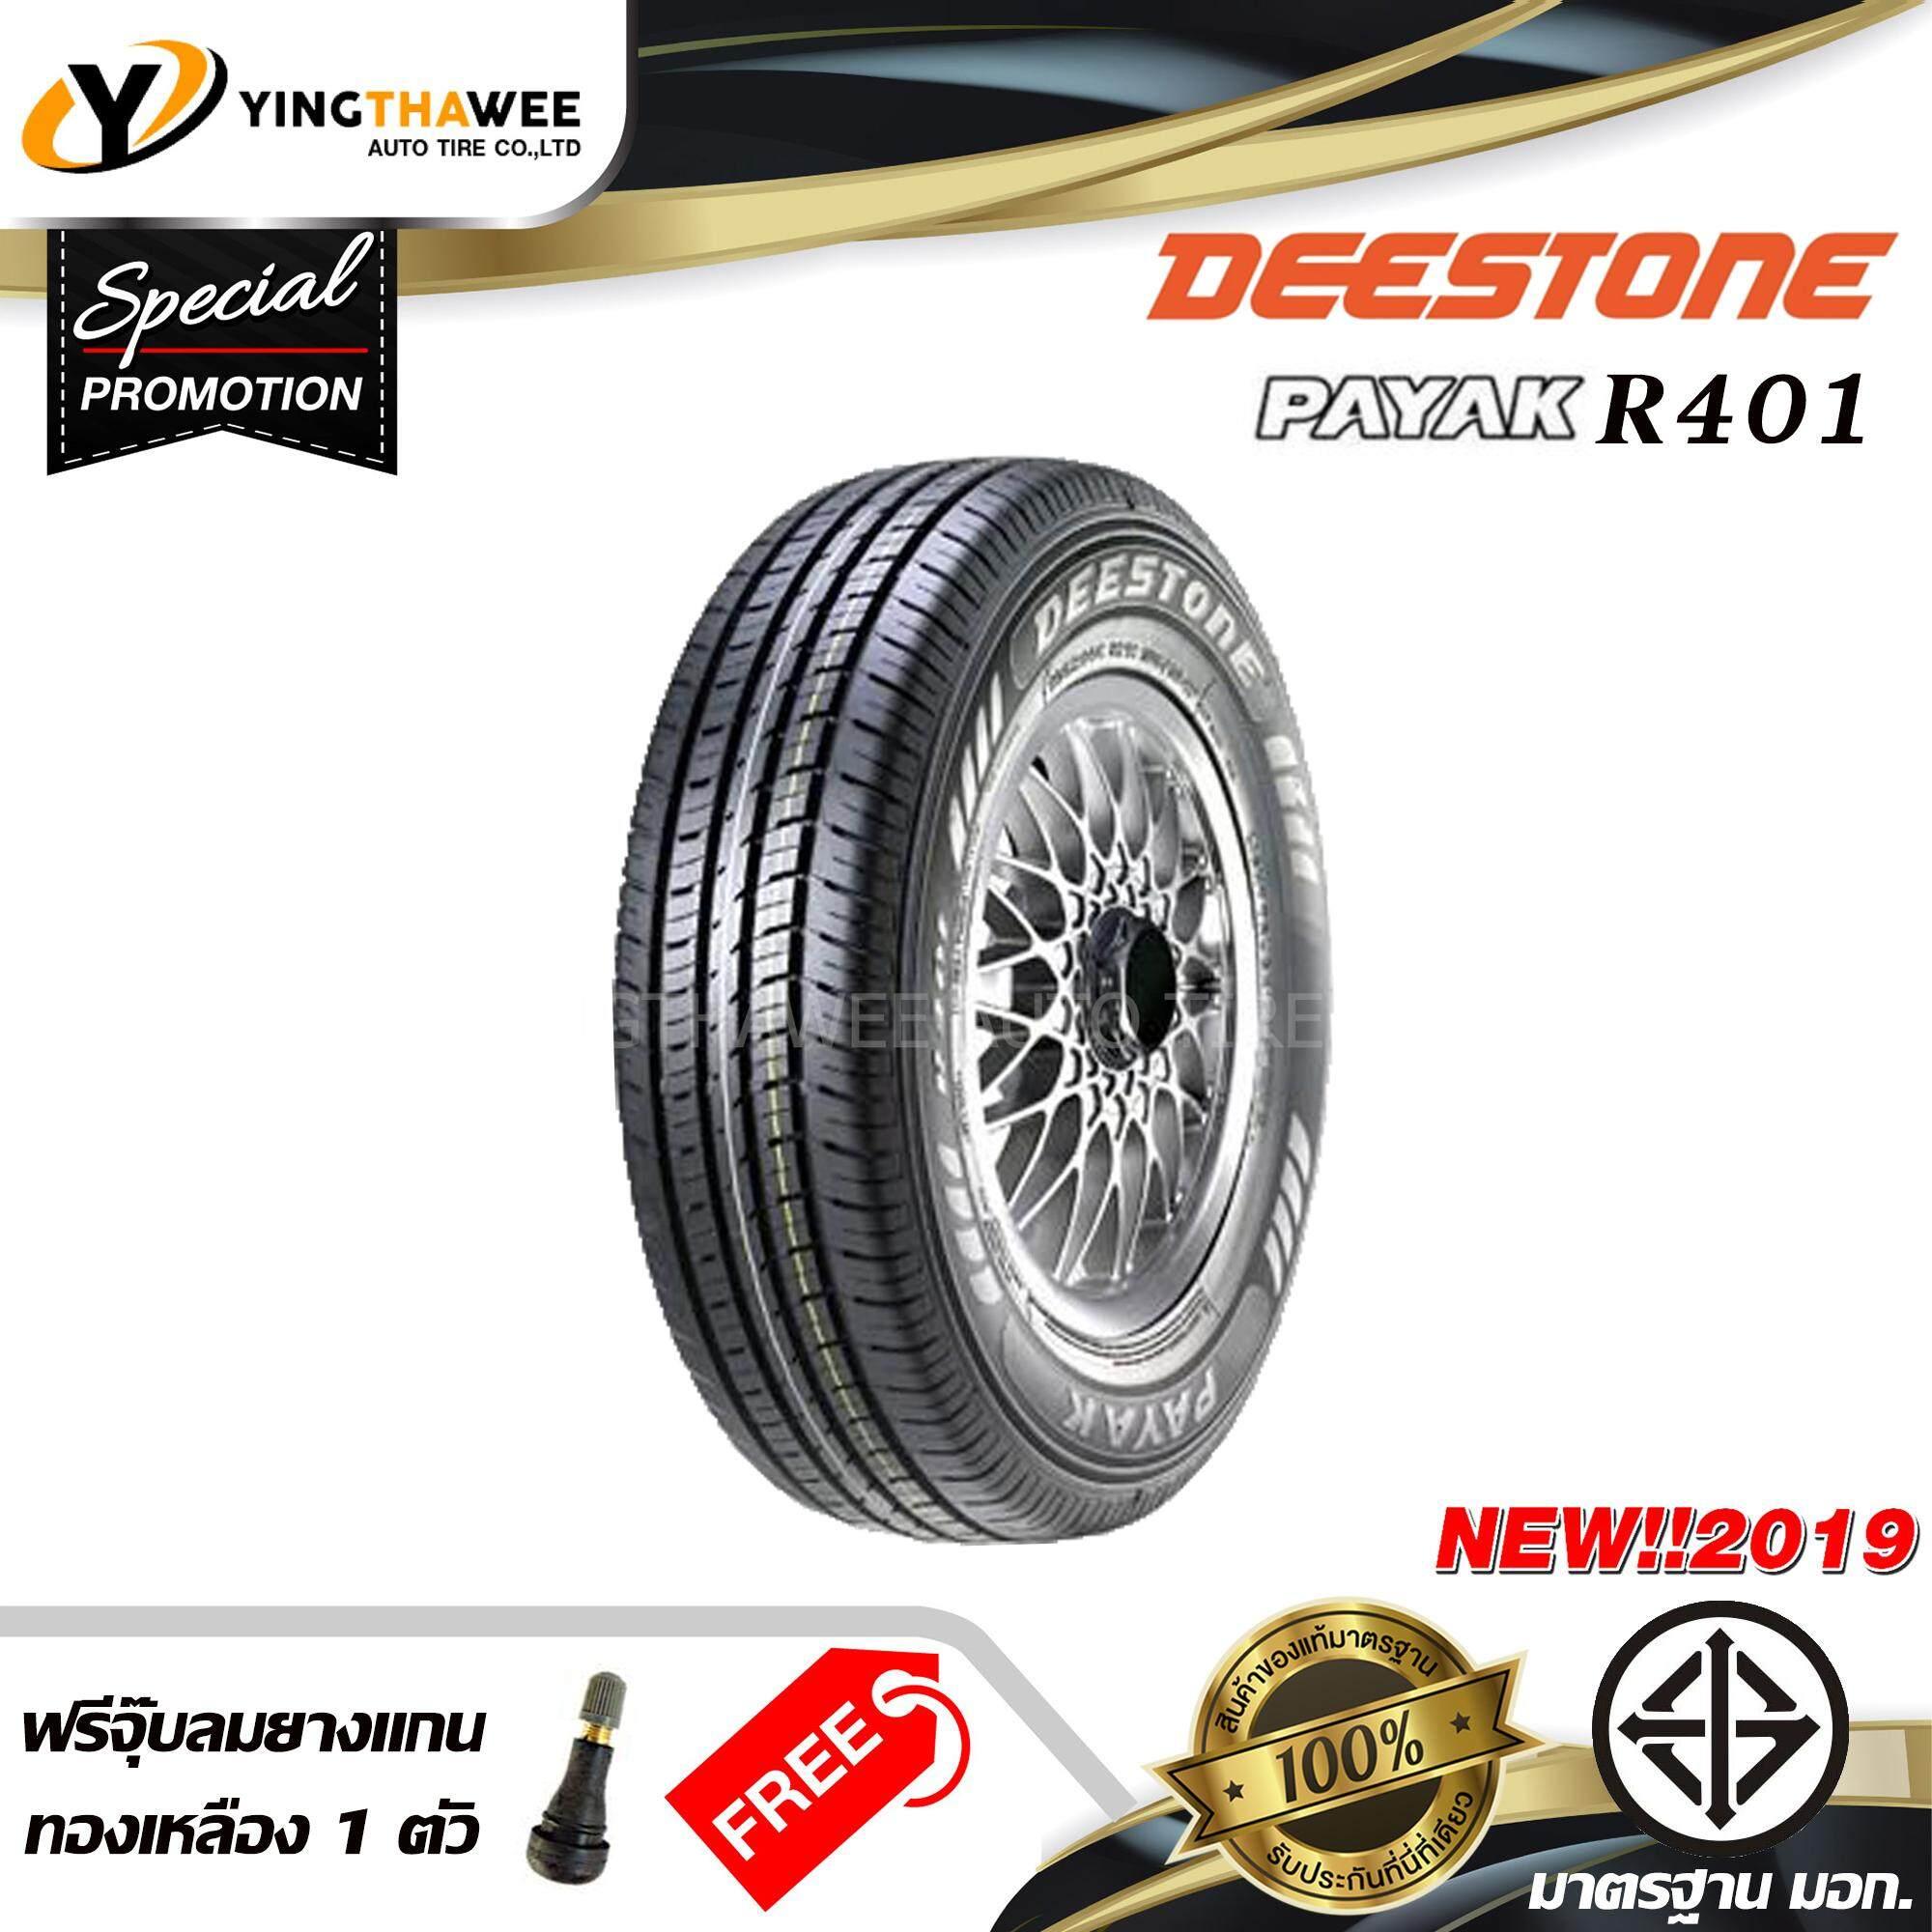 ประกันภัย รถยนต์ แบบ ผ่อน ได้ ฉะเชิงเทรา Deestone ยางรถยนต์ 195R14 รุ่น R401  1 เส้น (ปี 2019) แถมจุ๊บลมยางแกนทองเหลือง 1 ตัว